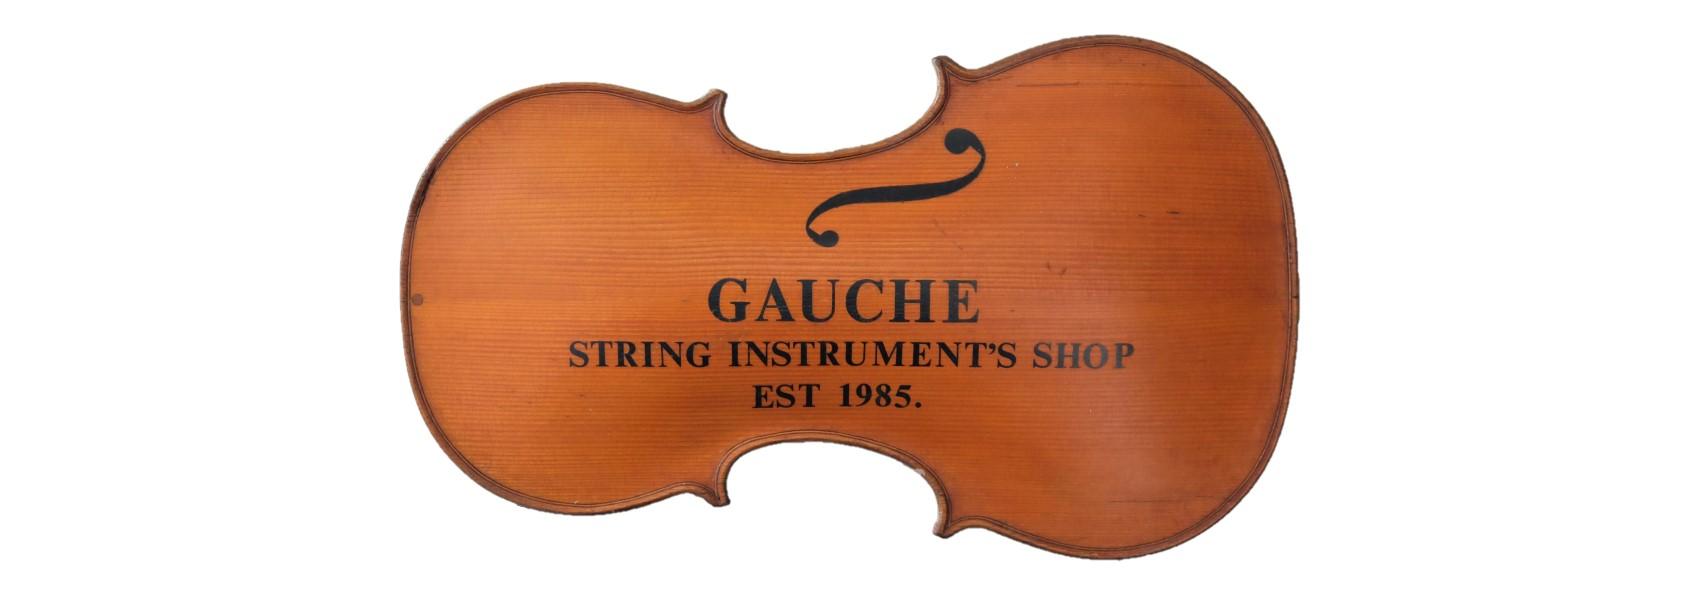 gauche string instrument's shop